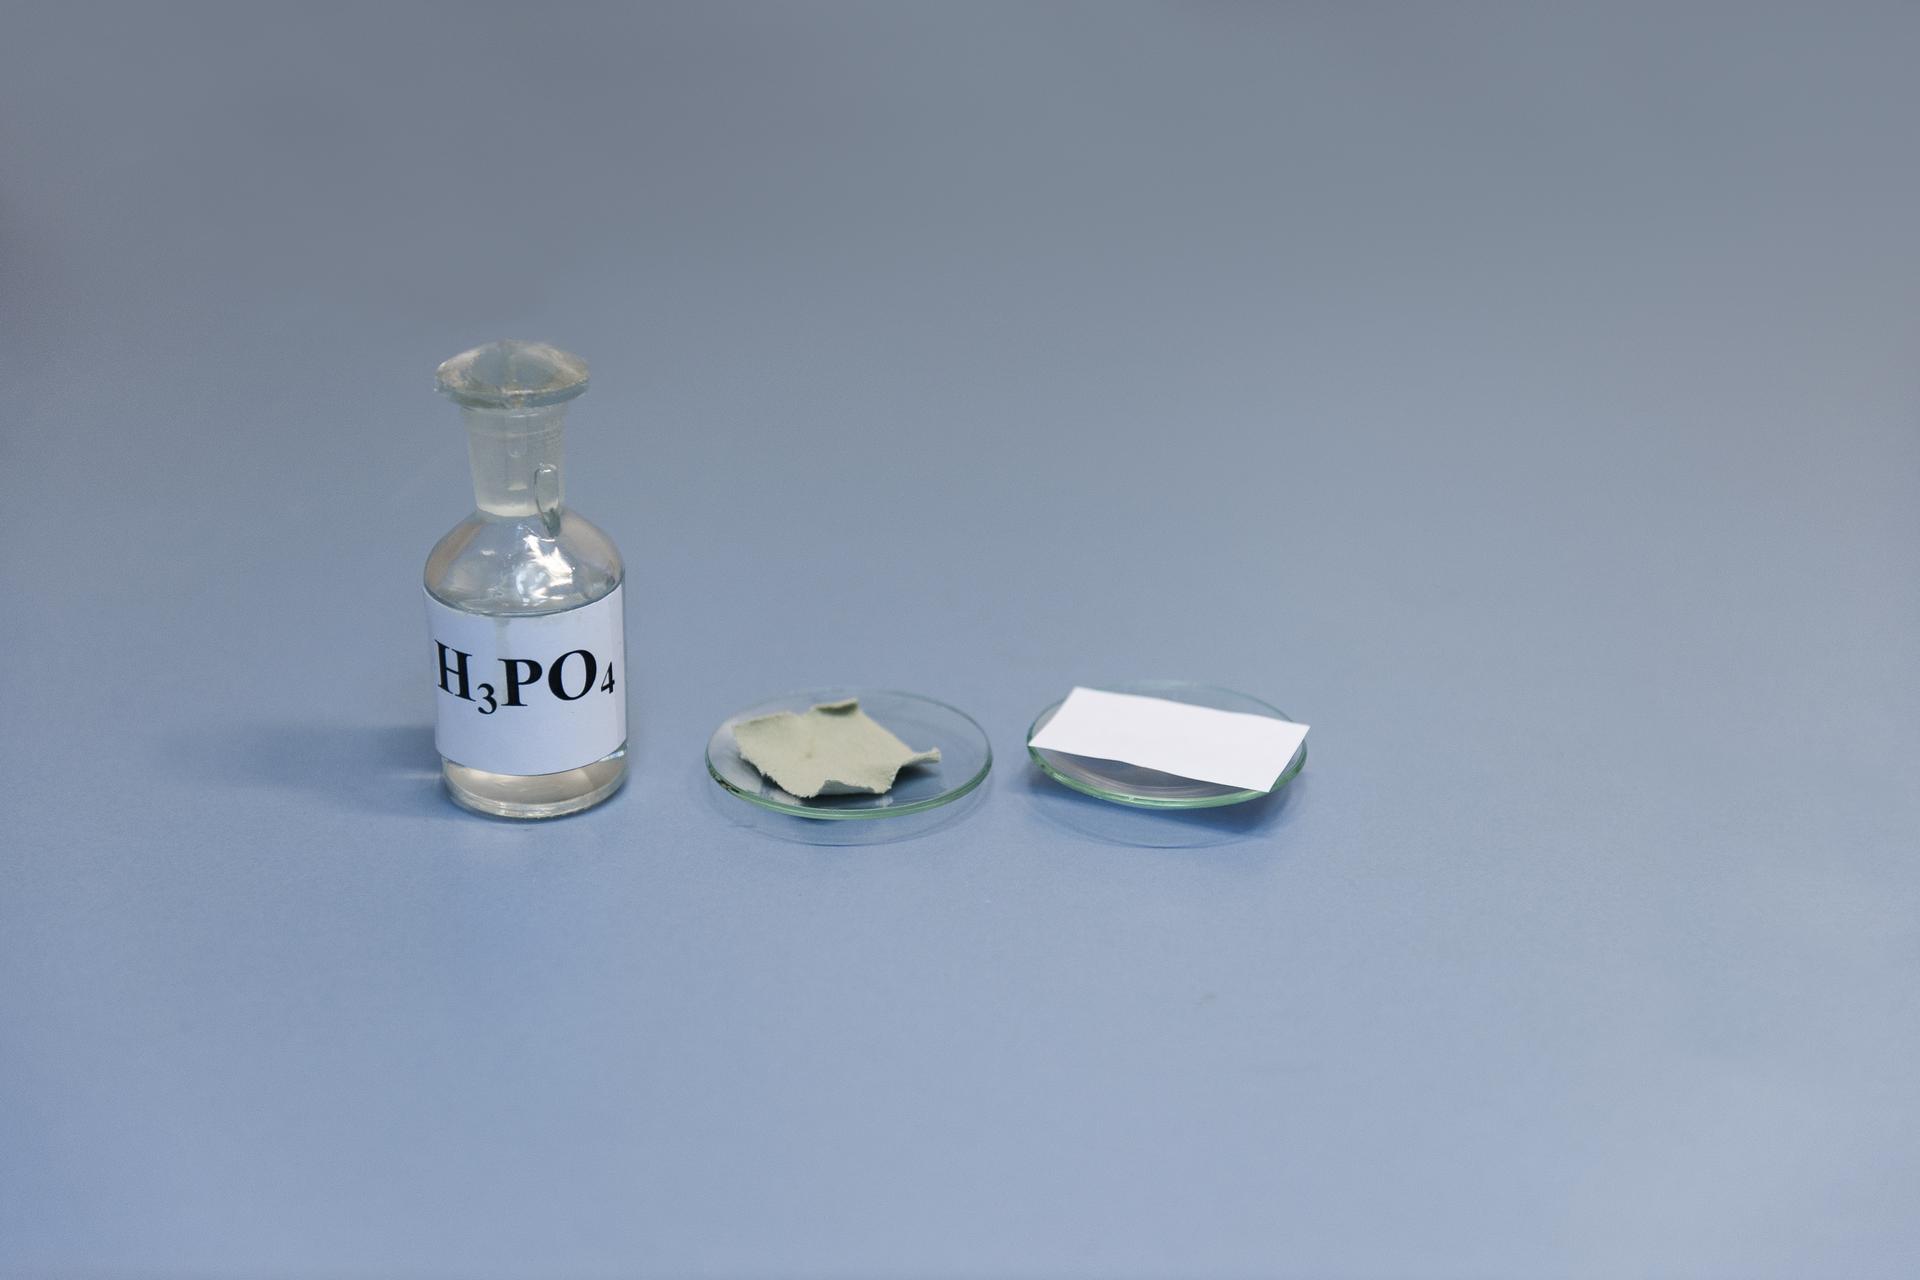 Pierwsze zdjęcie wgalerii. Na ilustracji prezentowana jest szklana butelka zetykietką inapisem H3PO4 stojąca na niebieskim podłożu. Po jej prawej stronie na blacie laboratoryjnym stoją wszeregu dwa szkiełka zegarkowe zawierające kolejno: kawałek tkaniny iskrawek papieru.